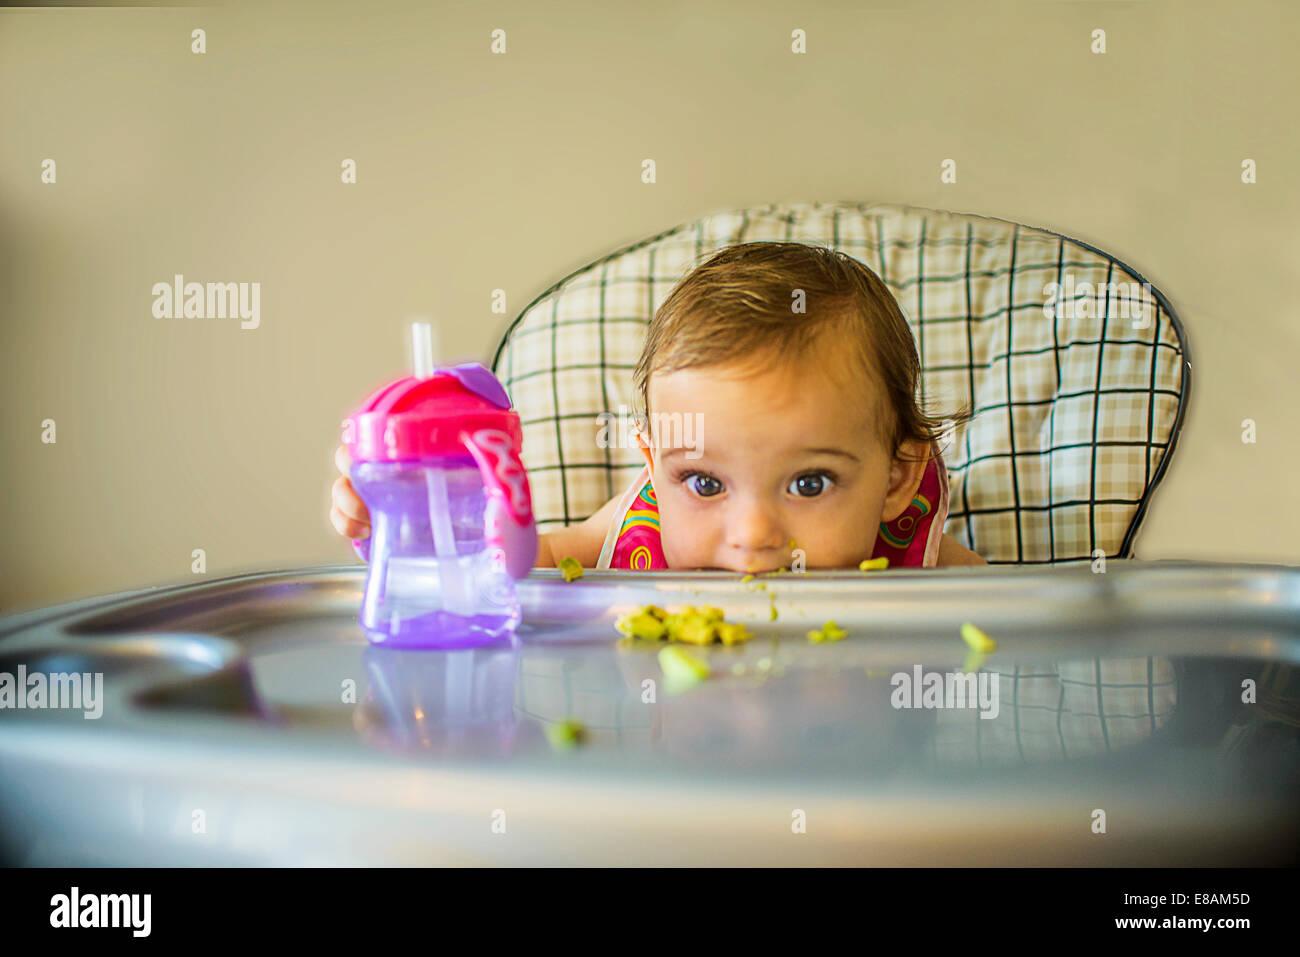 Ritratto di shy Baby girl in sedia alta Immagini Stock